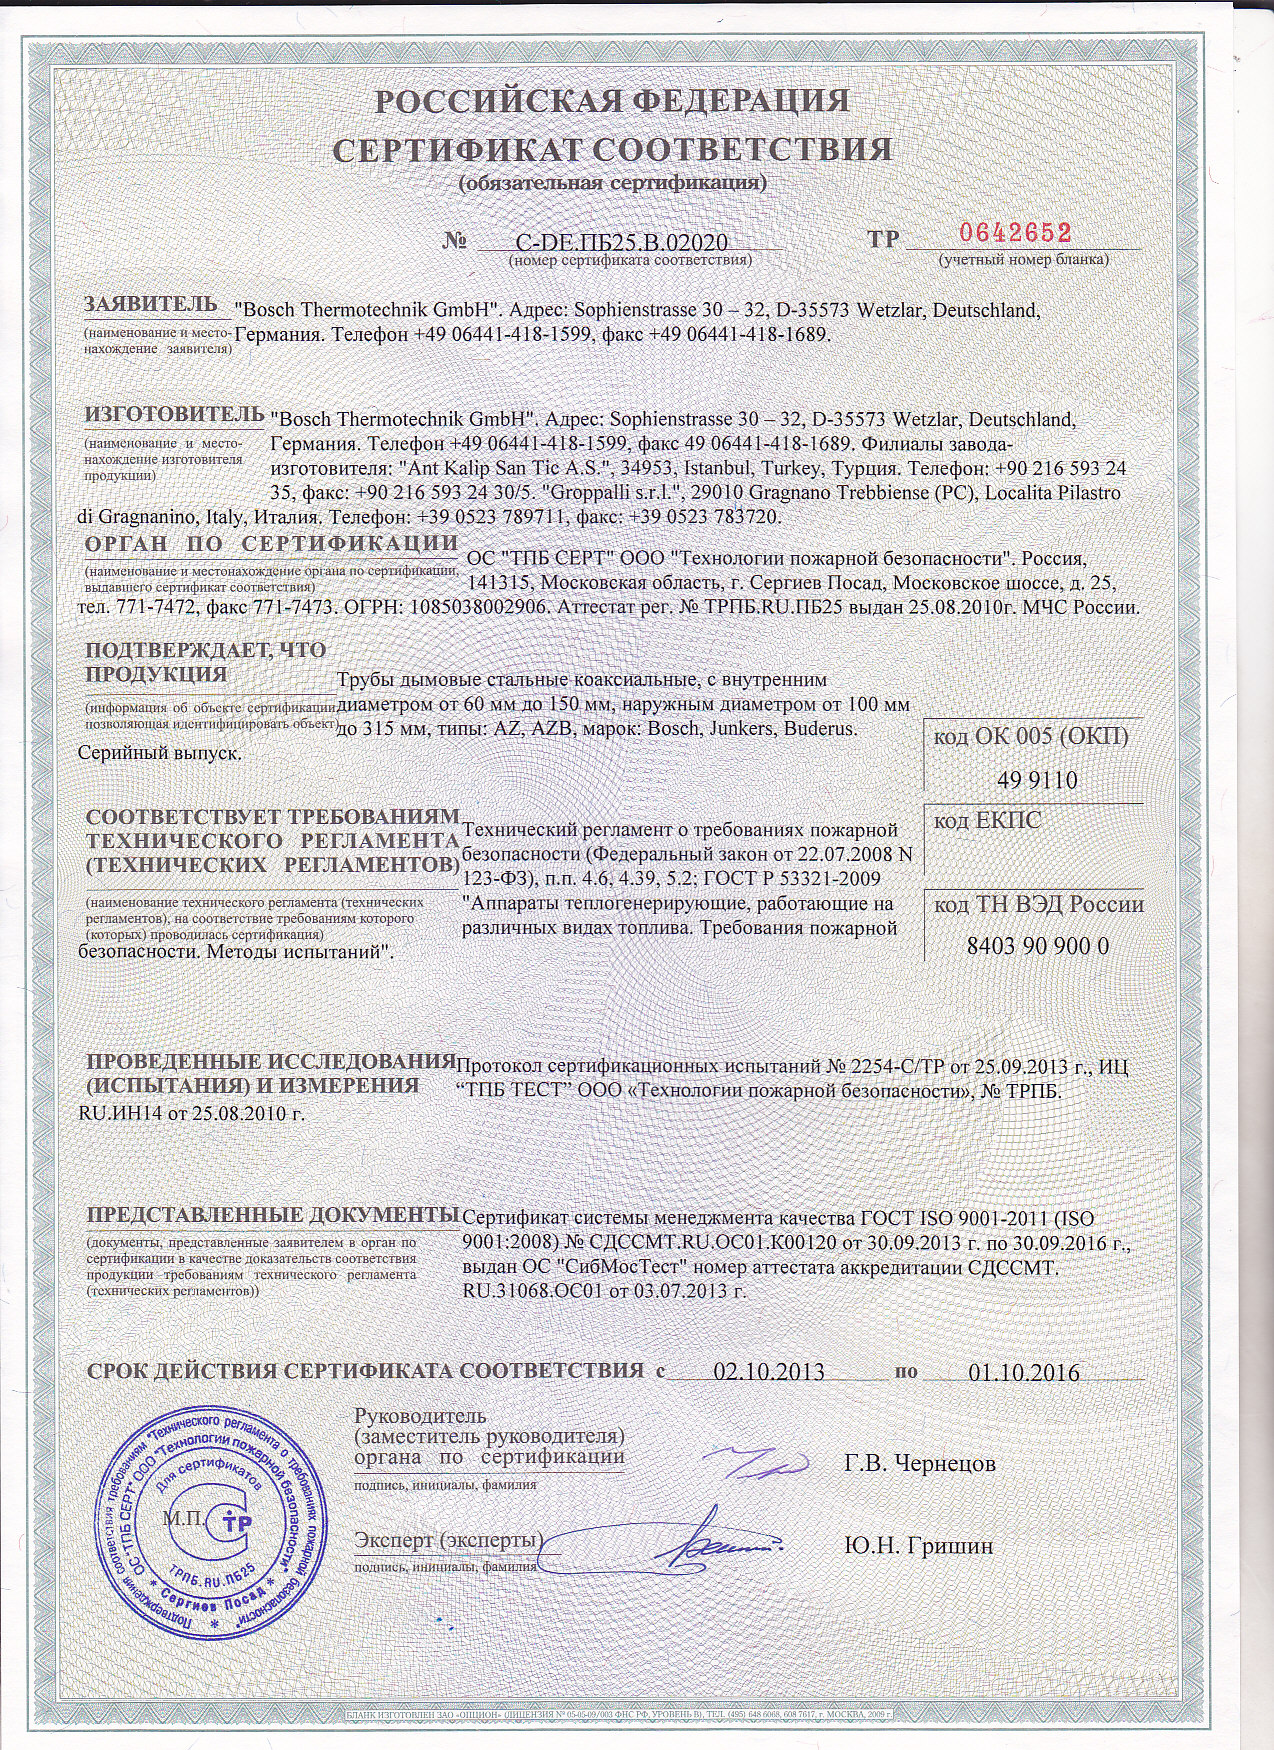 Ооо техносфера - сертификация оборудования пполучение сертификата у нарколога адрес